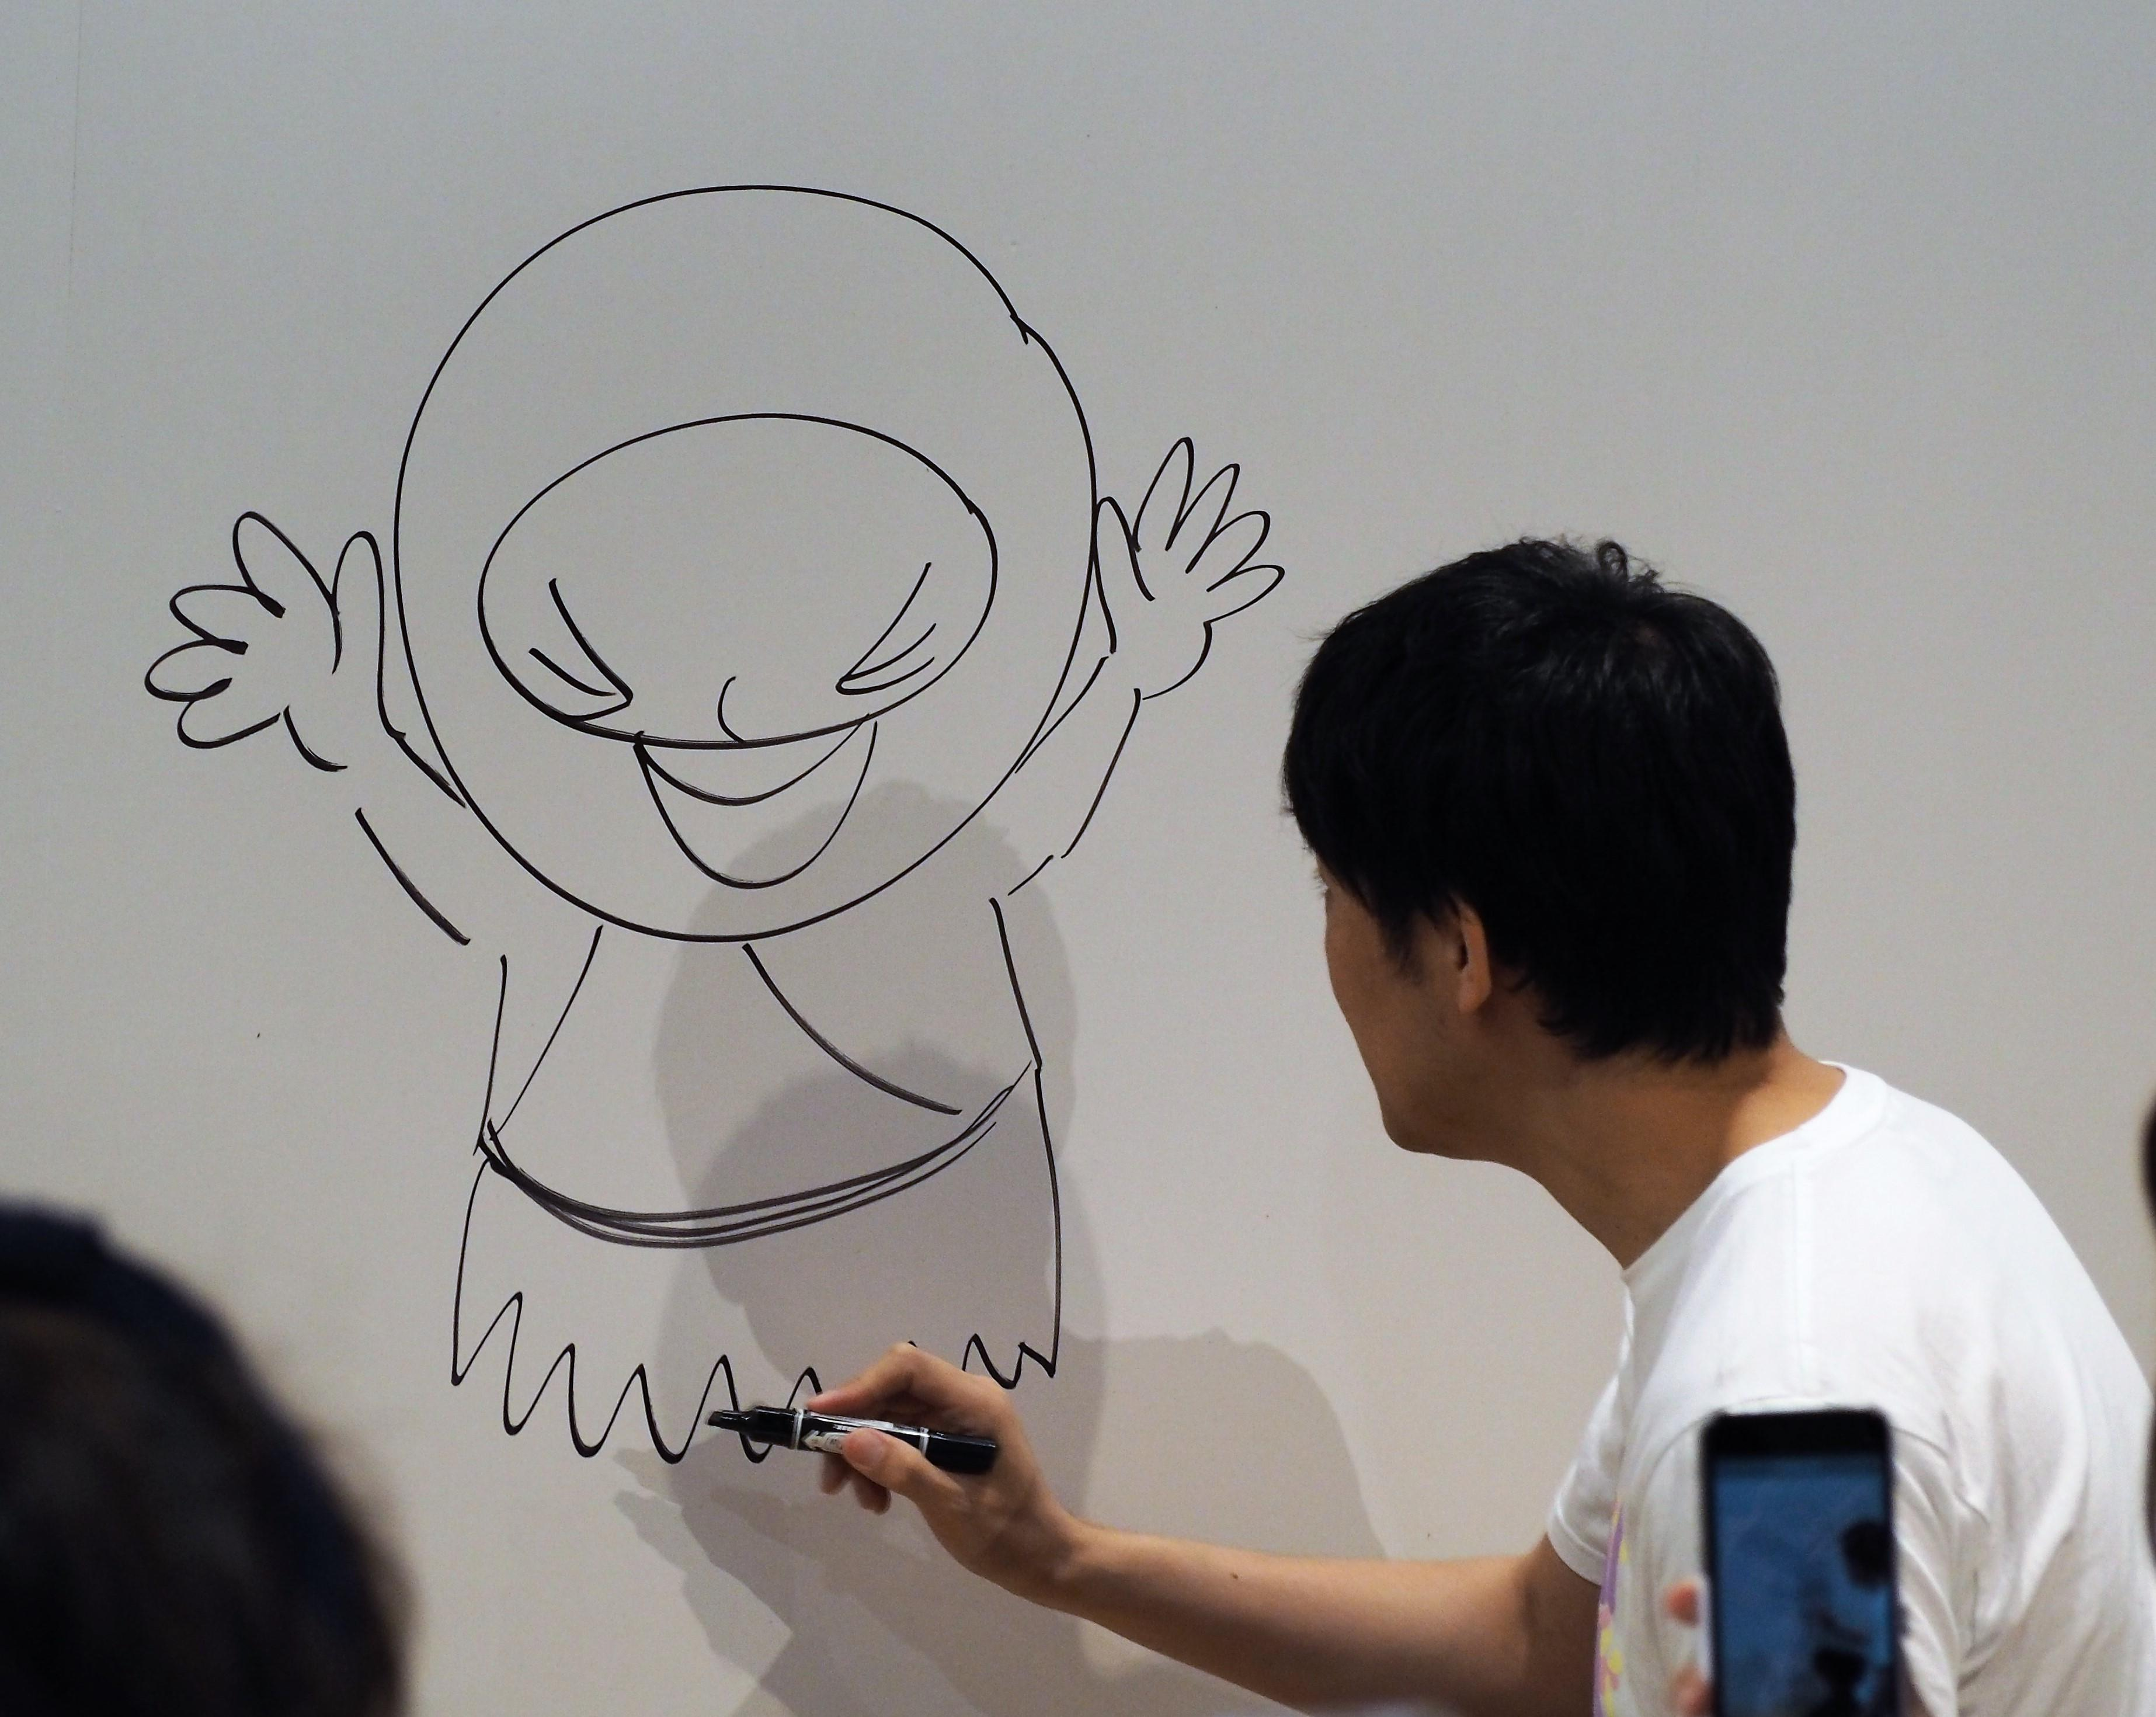 http://news.yoshimoto.co.jp/20180429221525-b3e3db38e159893f9afa52c9e5cf544763a2ea34.jpg